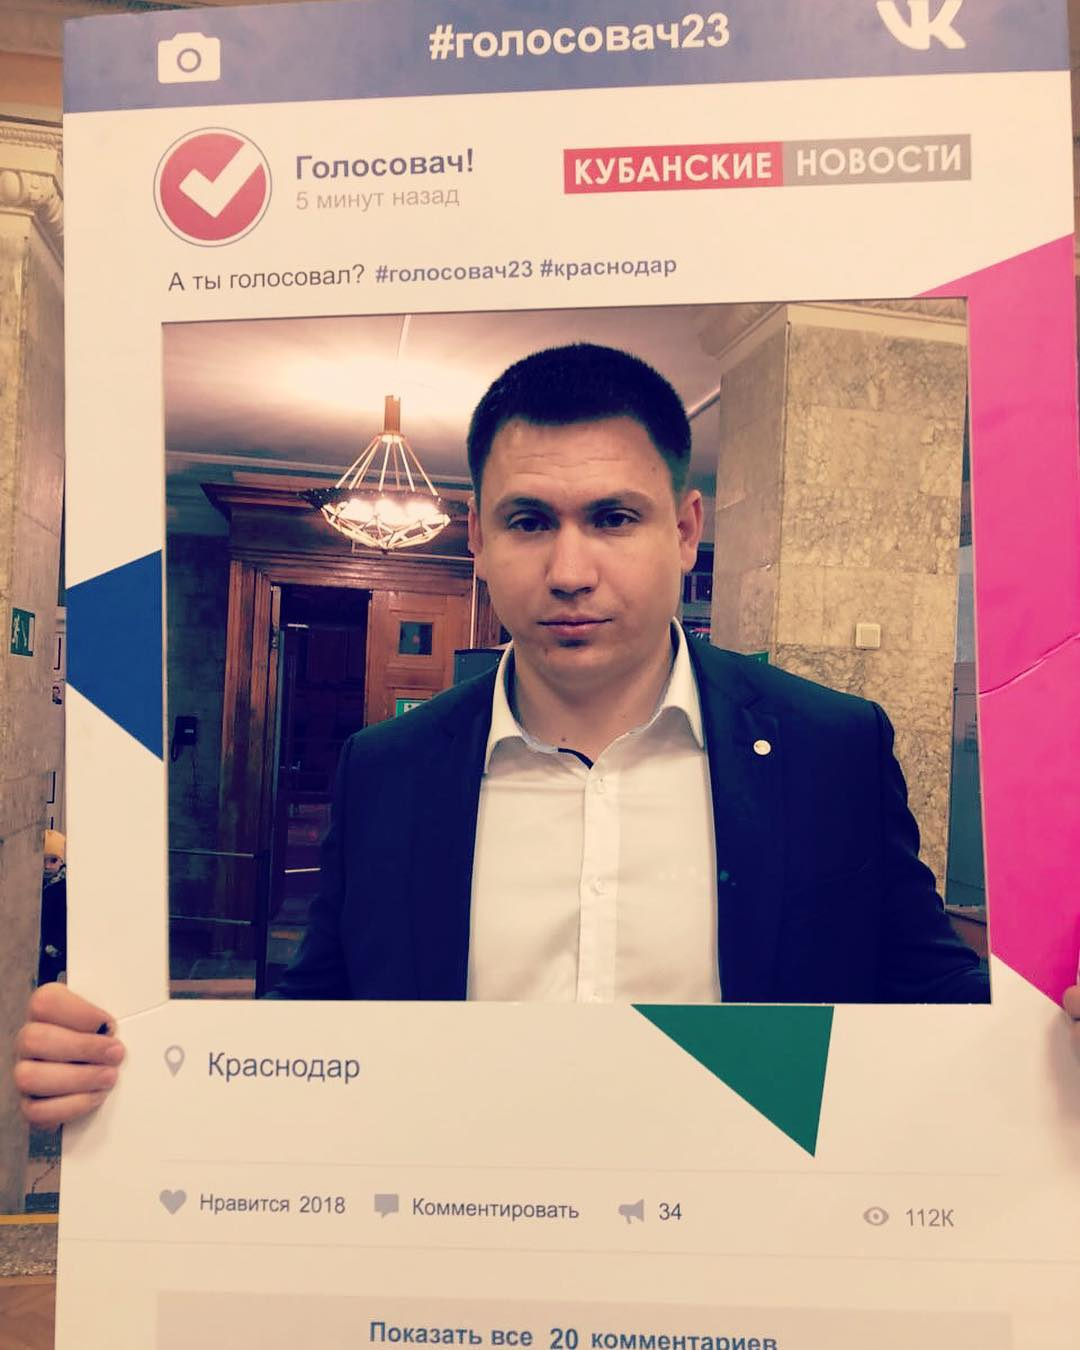 ВКраснодаре подытожили конкурса «Голосовач»